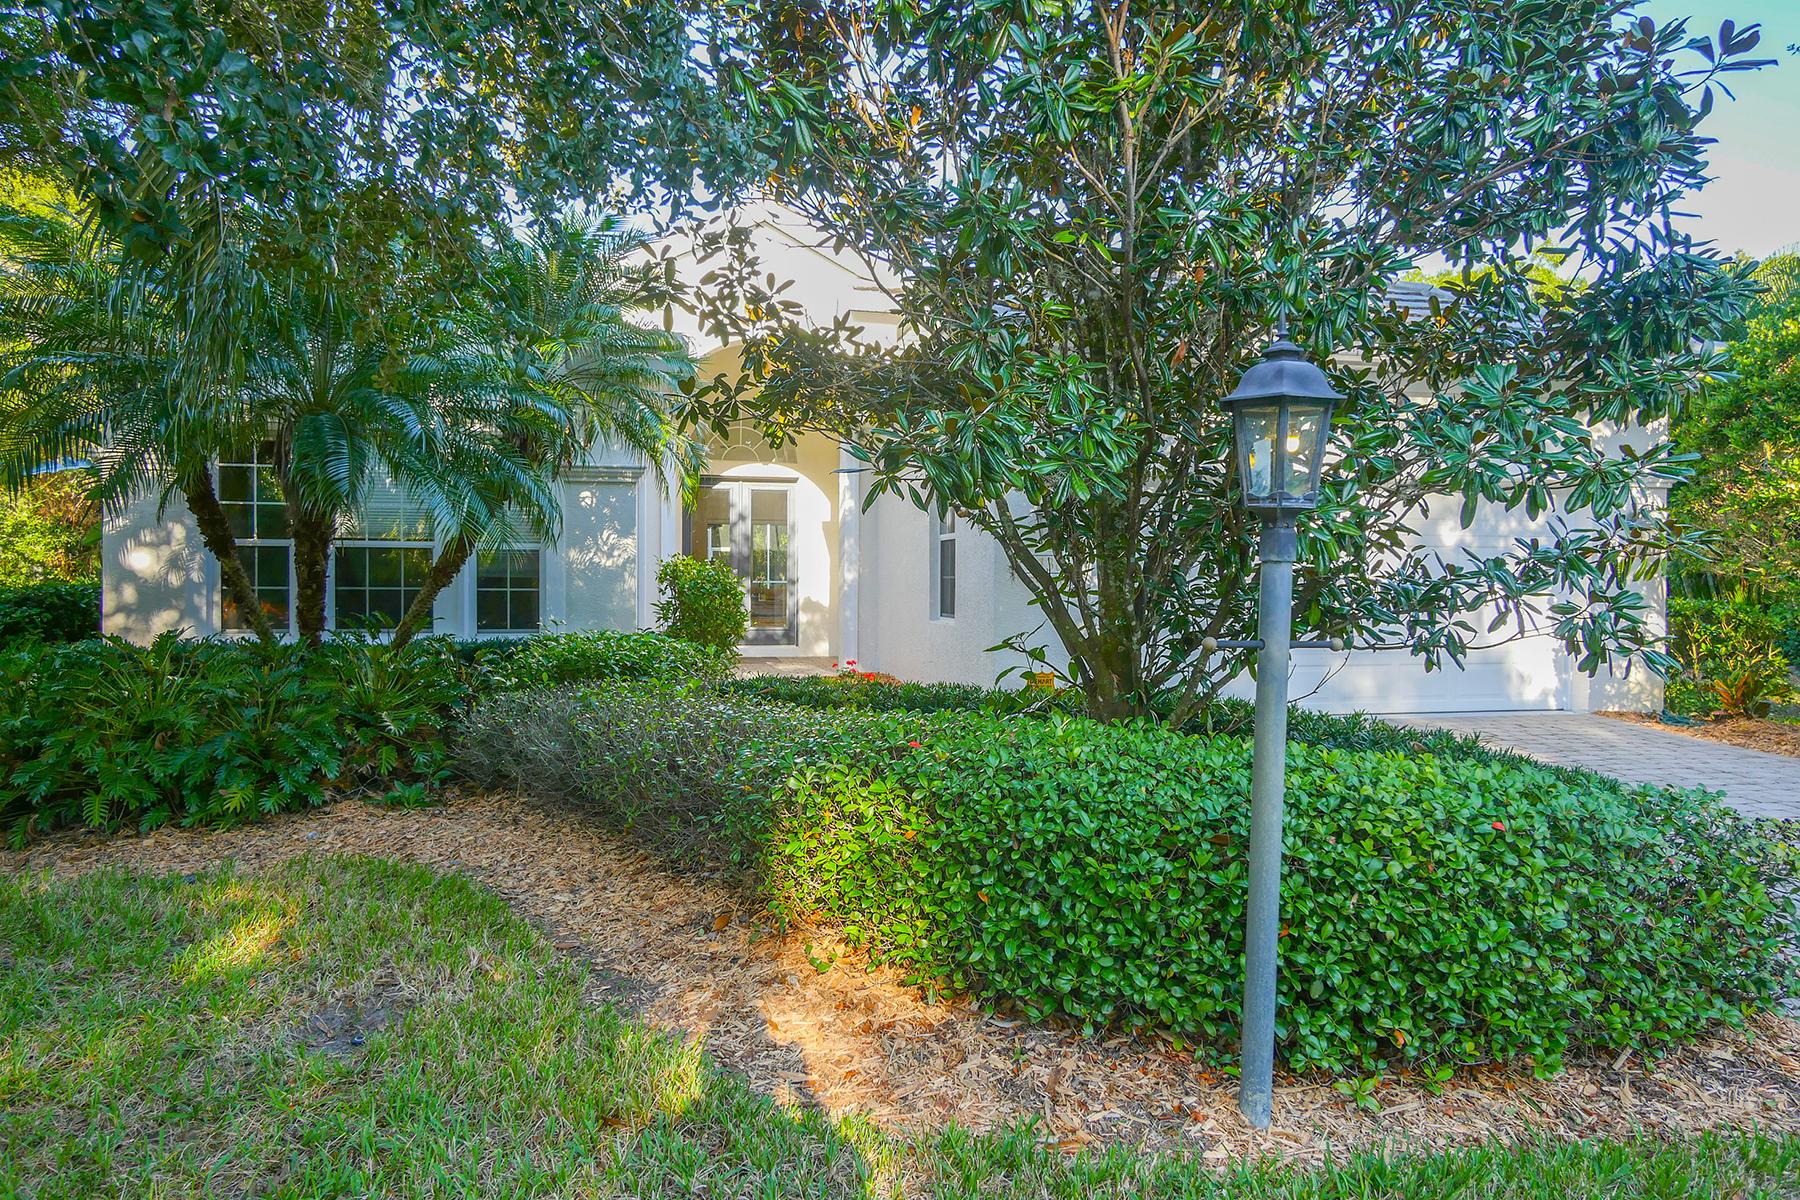 단독 가정 주택 용 매매 에 UNIVERSITY PARK COUNTRY CLUB 8138 Dukes Wood Ct University Park, 플로리다, 34201 미국